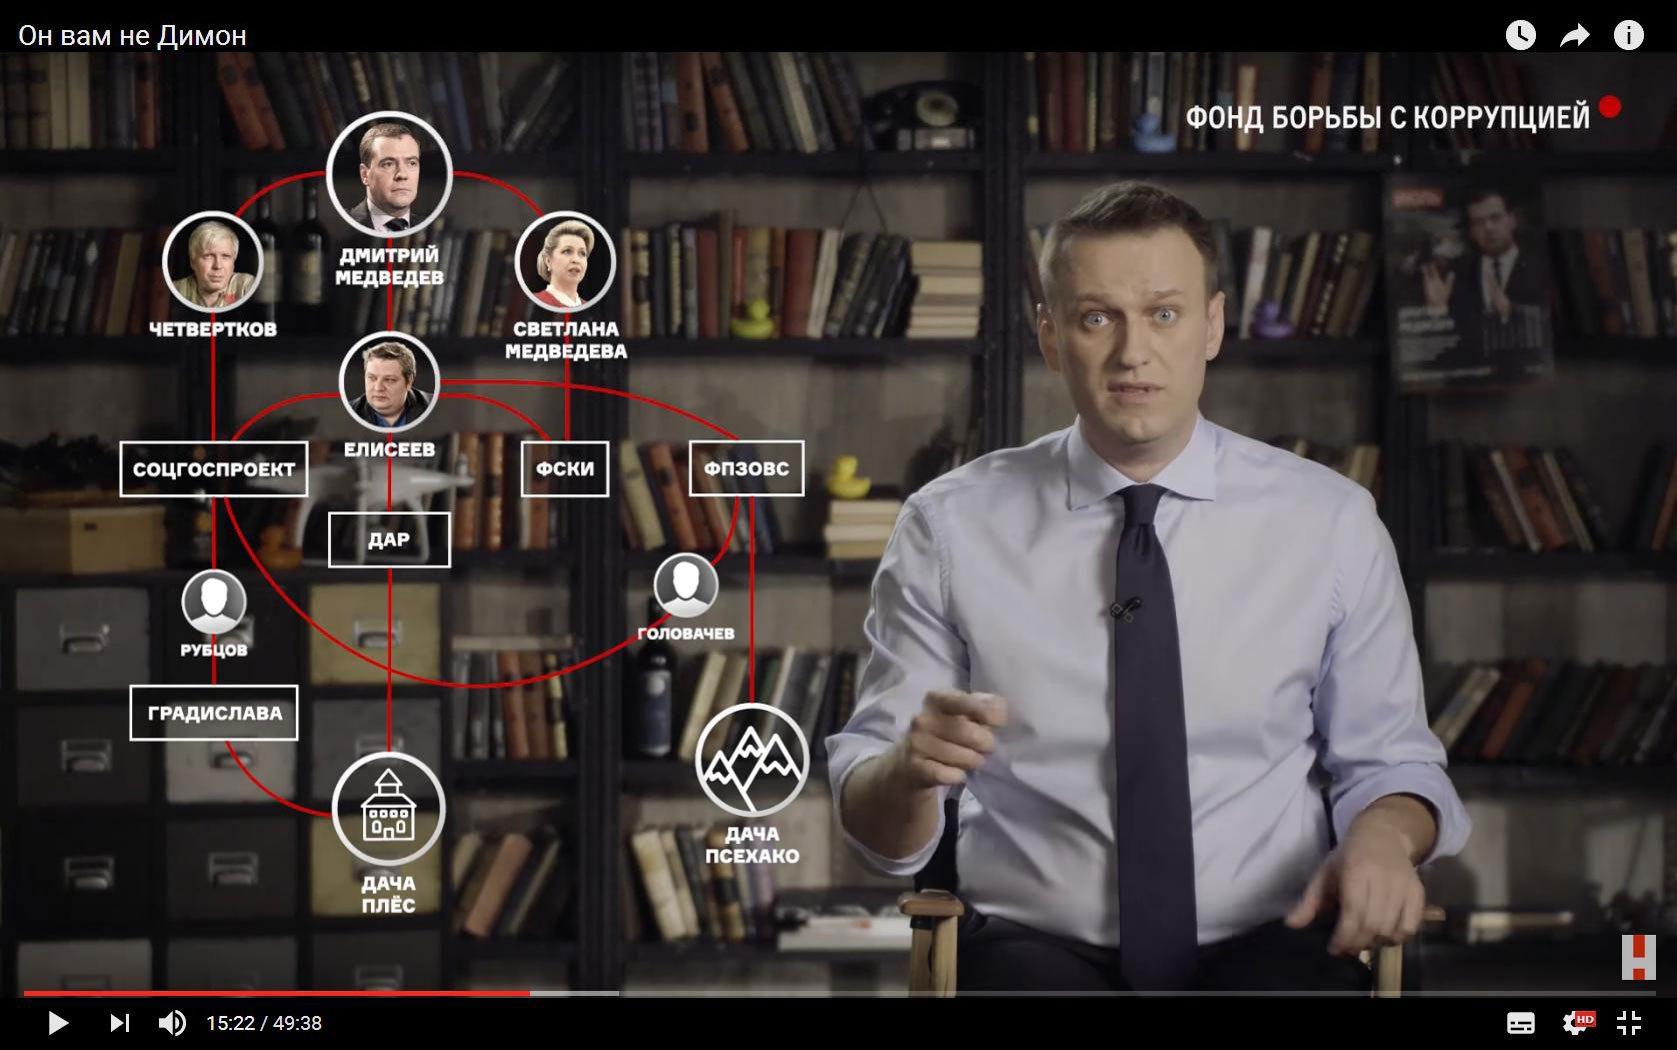 Medvedevo-darbai-2017-03-26